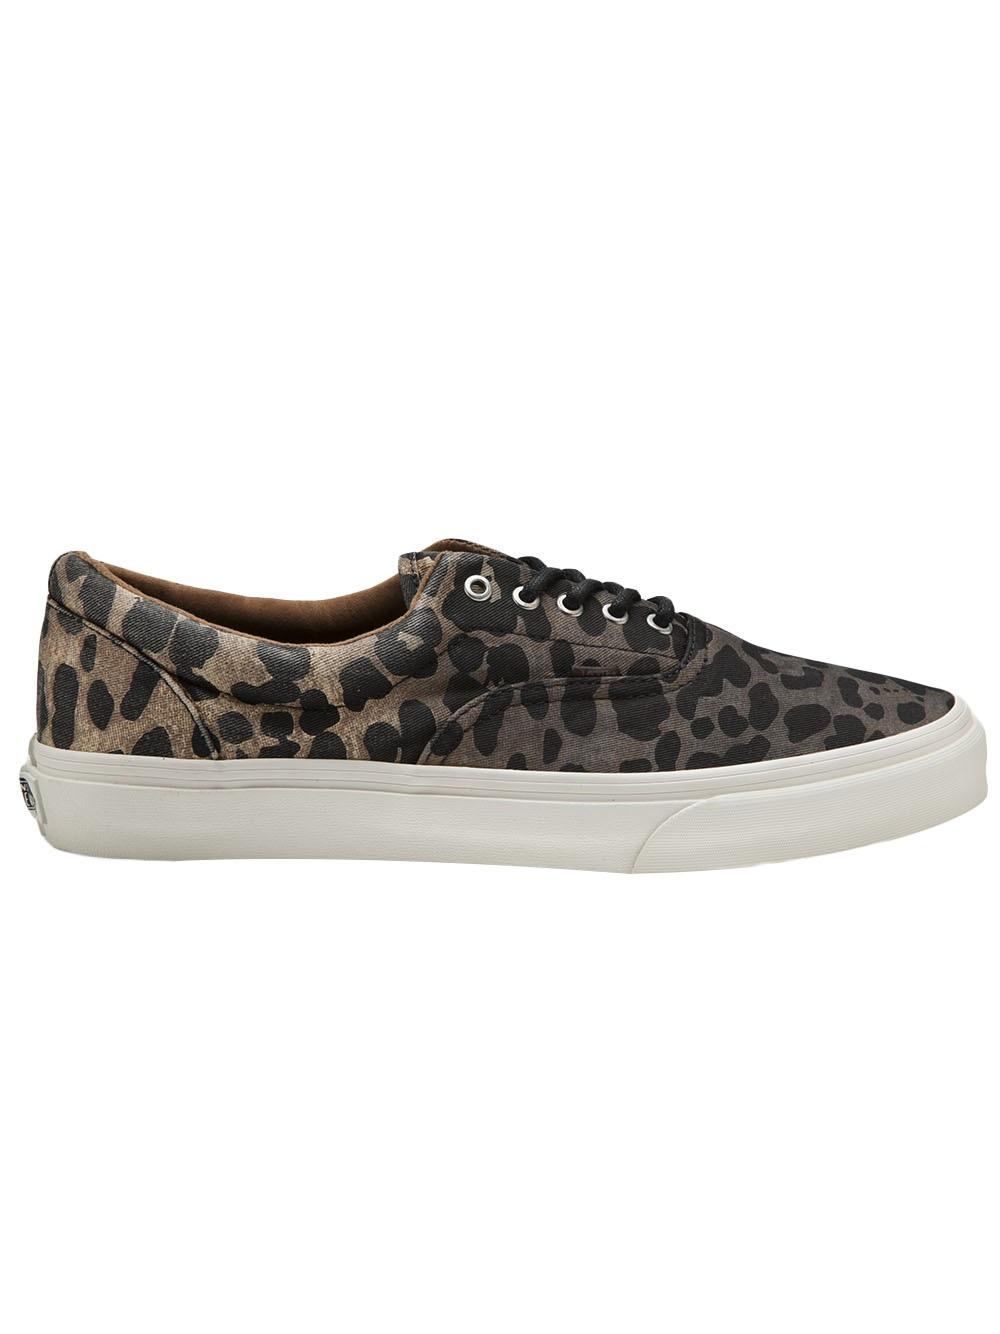 d3bc8809c6 Lyst - Vans Cheetah Print Trainer in Gray for Men